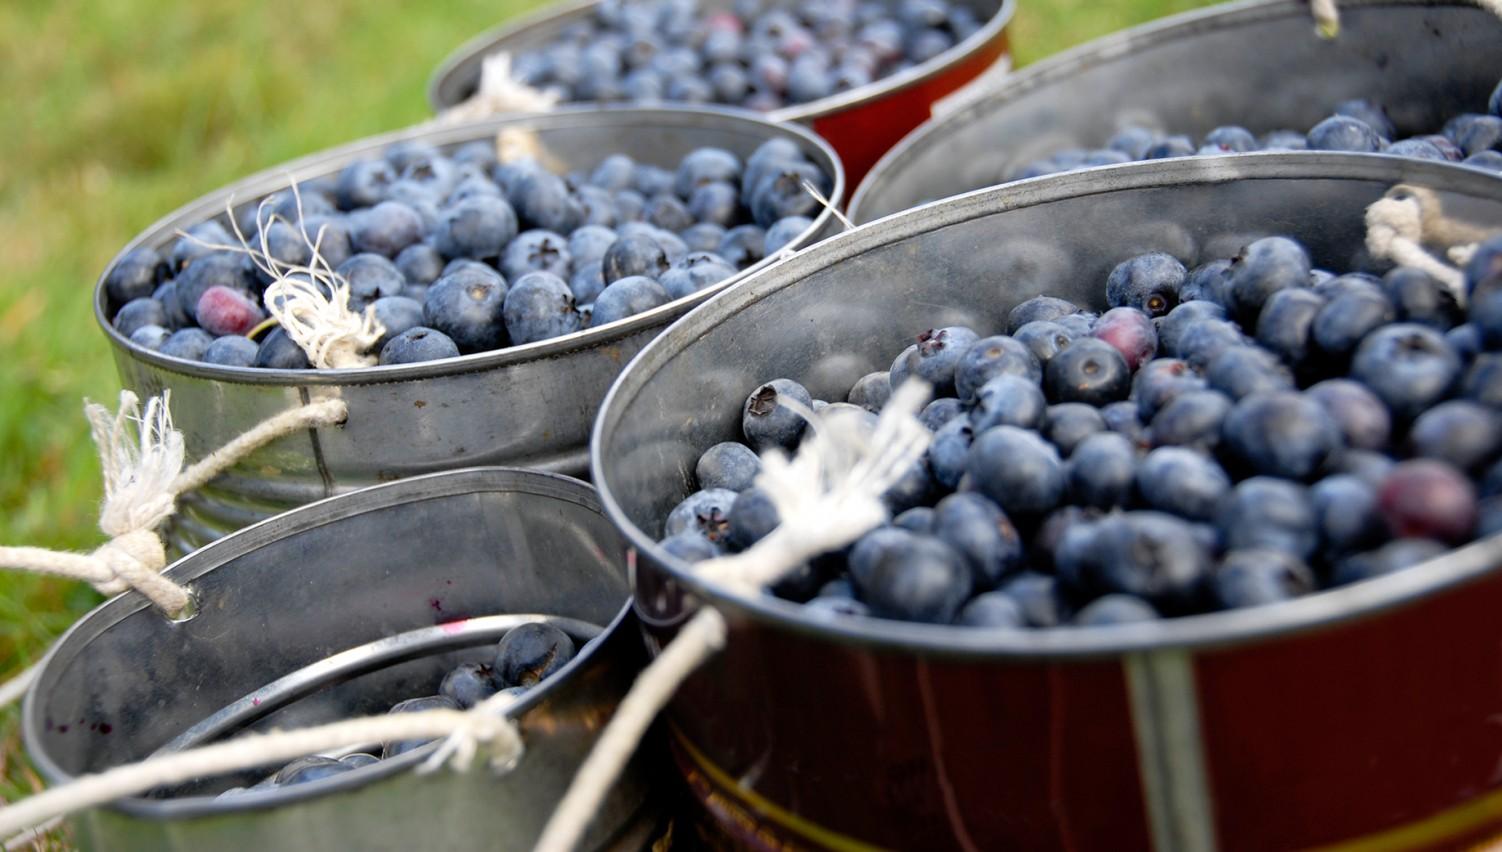 It's Blueberry Season In NC